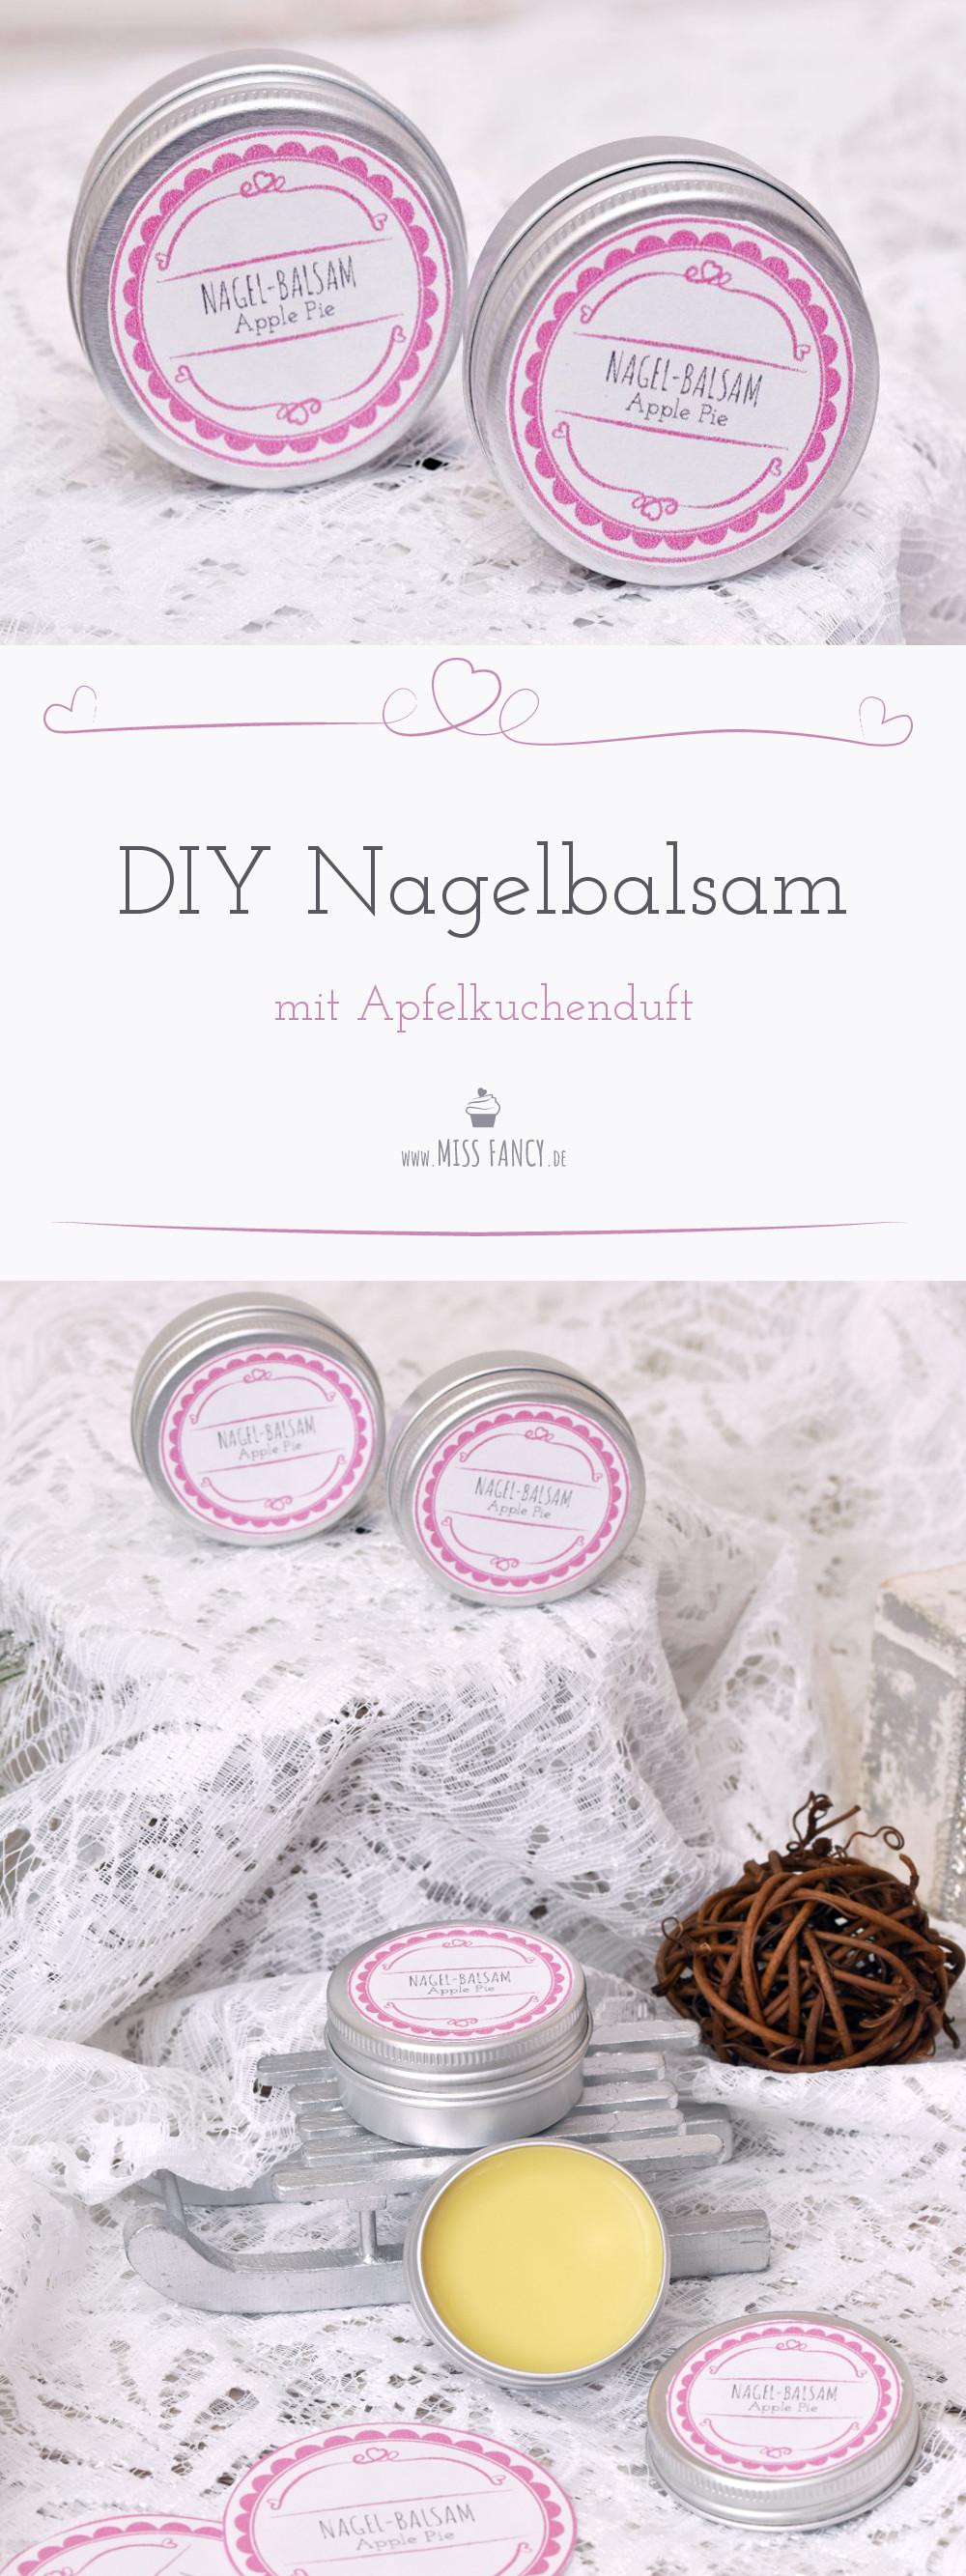 DIY Nagelbalsam mit Apfelkuchen-Duft